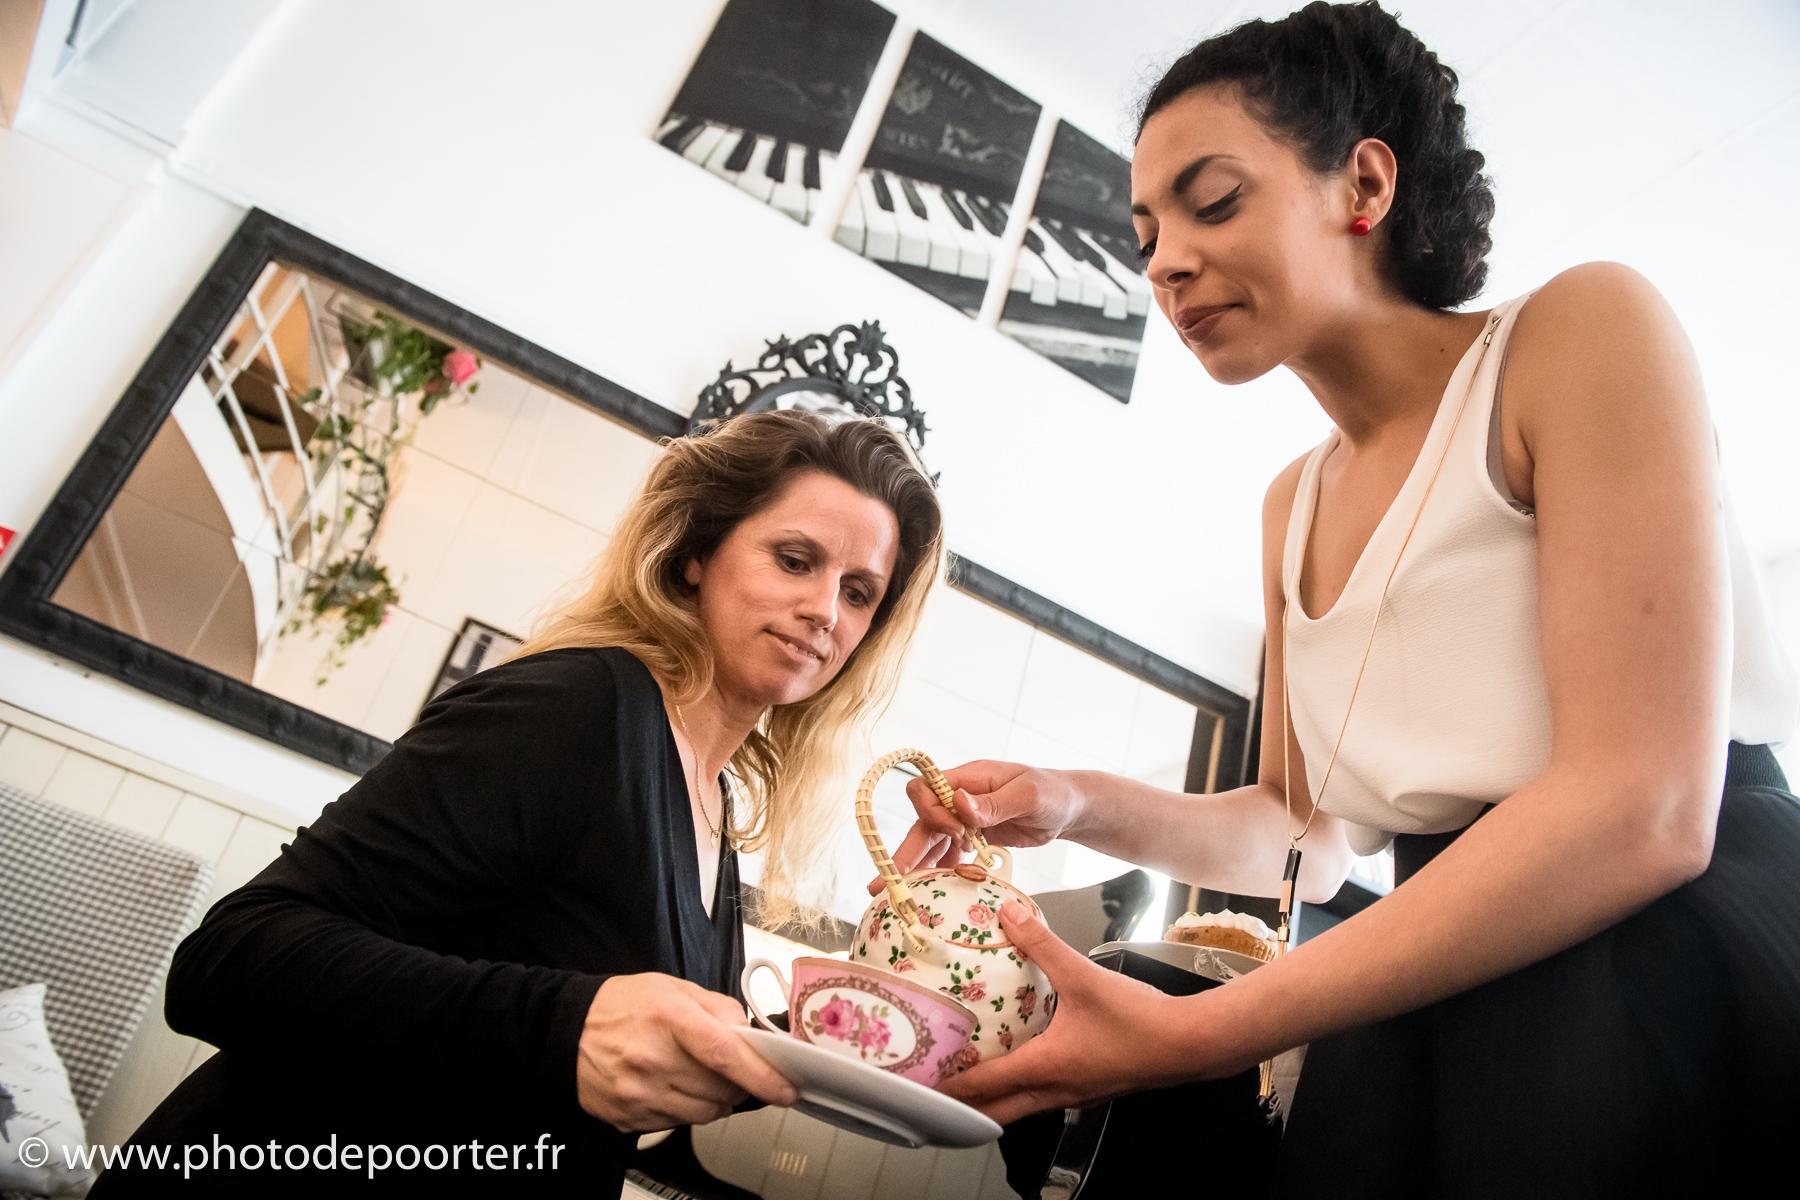 Photo depoorter magazine acteurs de l eco n 3 - Un piano dans la theiere ...